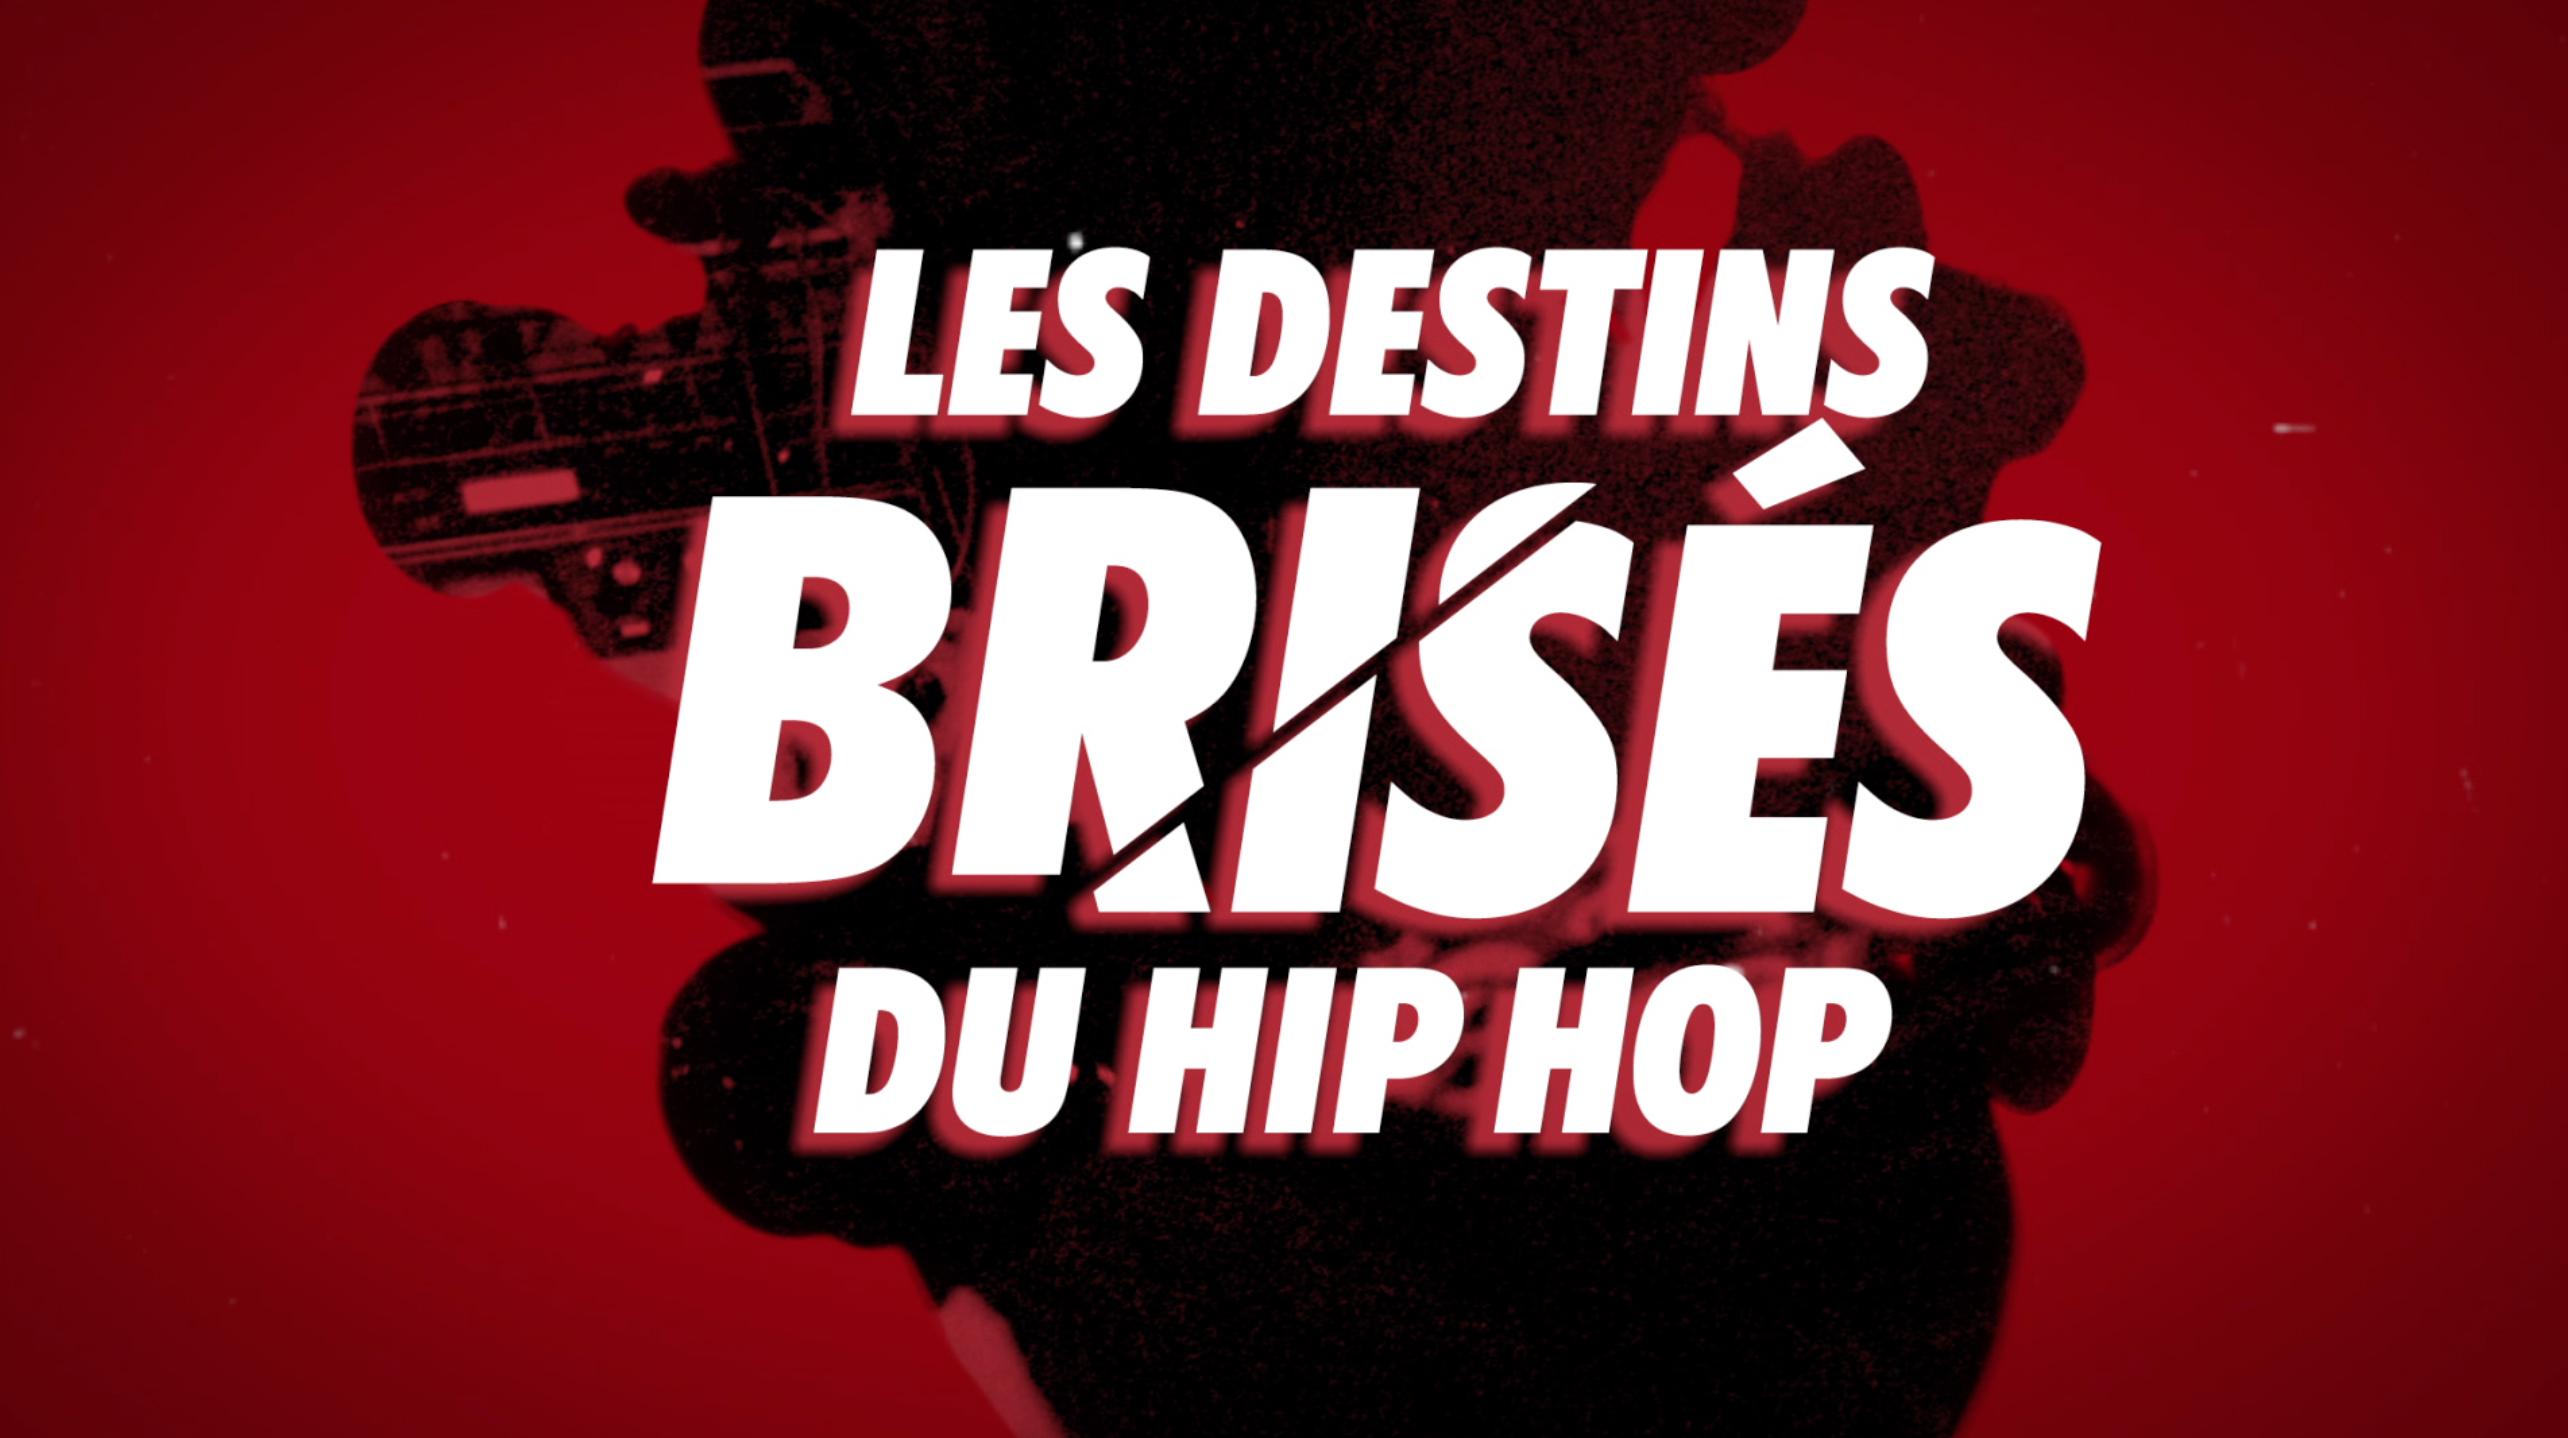 Les destins brisées du hip hop